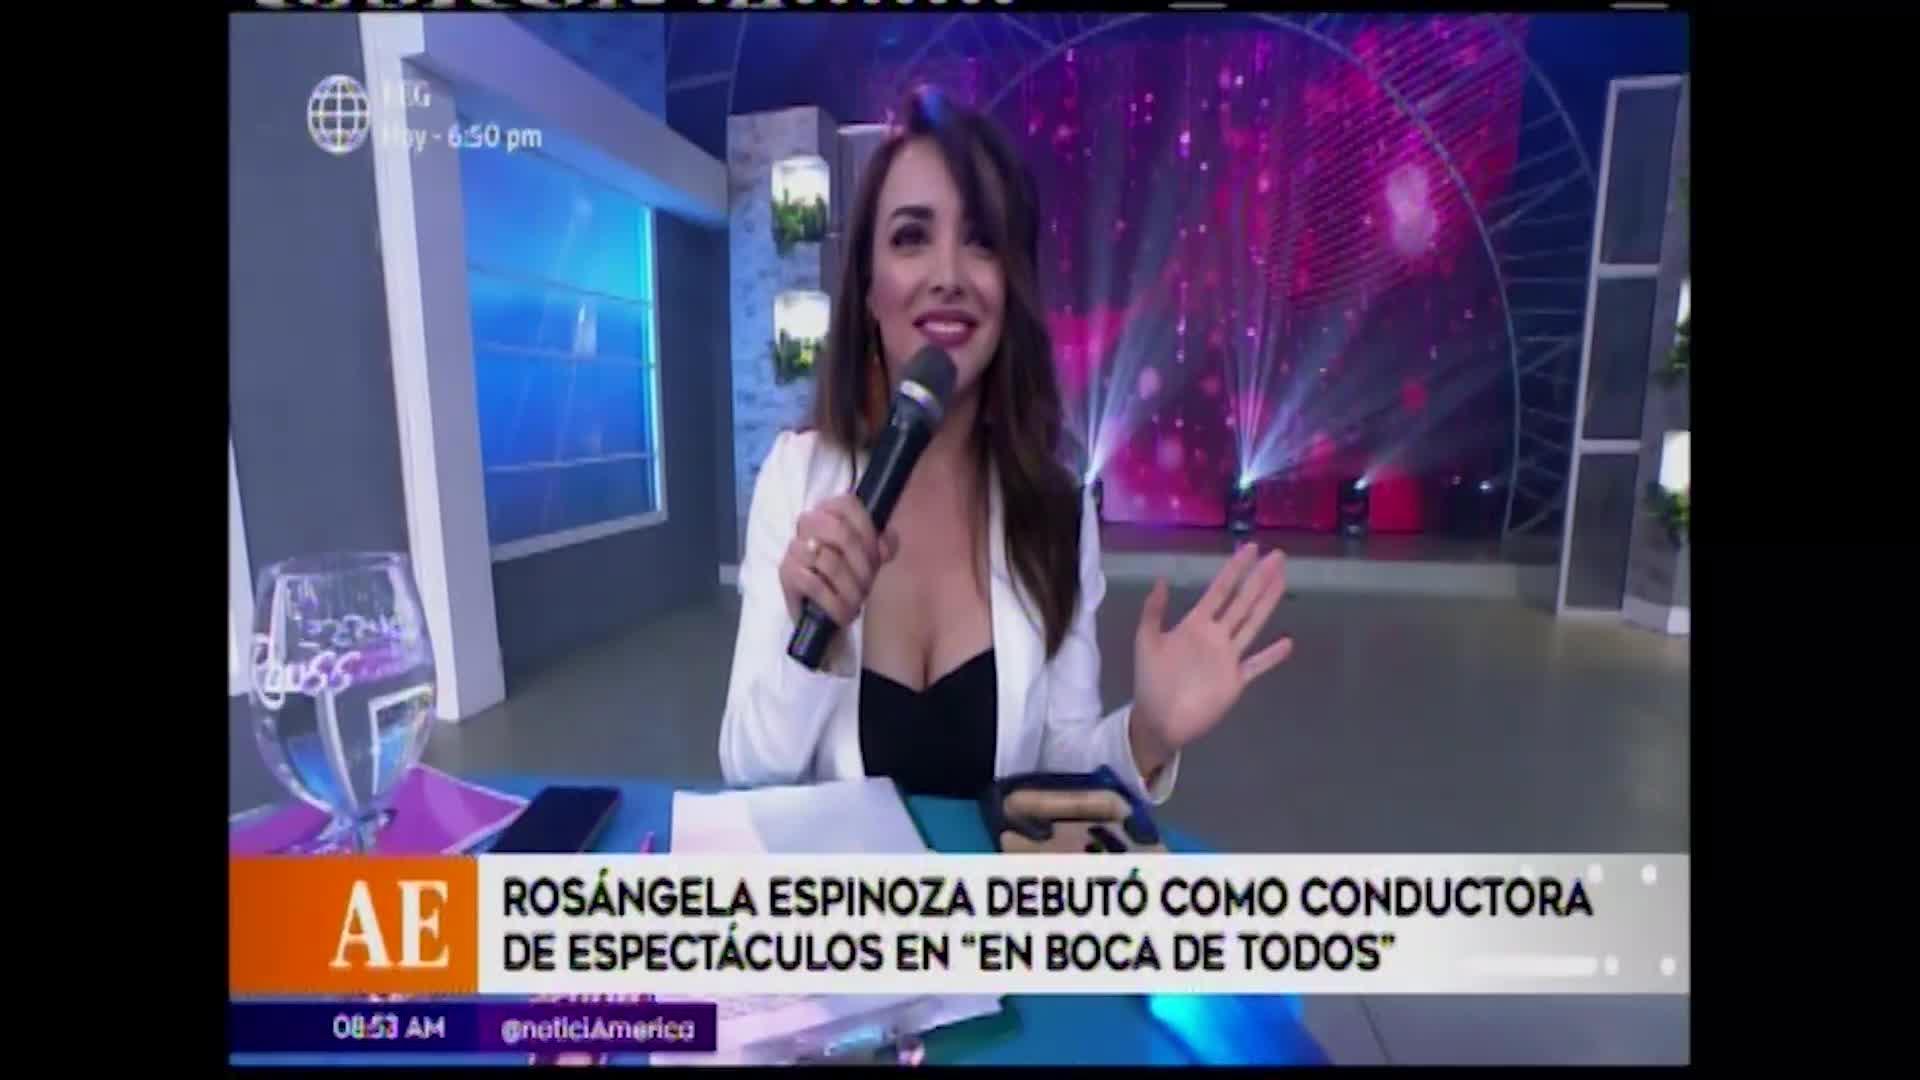 Esto es guerra: Rosángela Espinoza habló de su debut como conductora de espectáculos